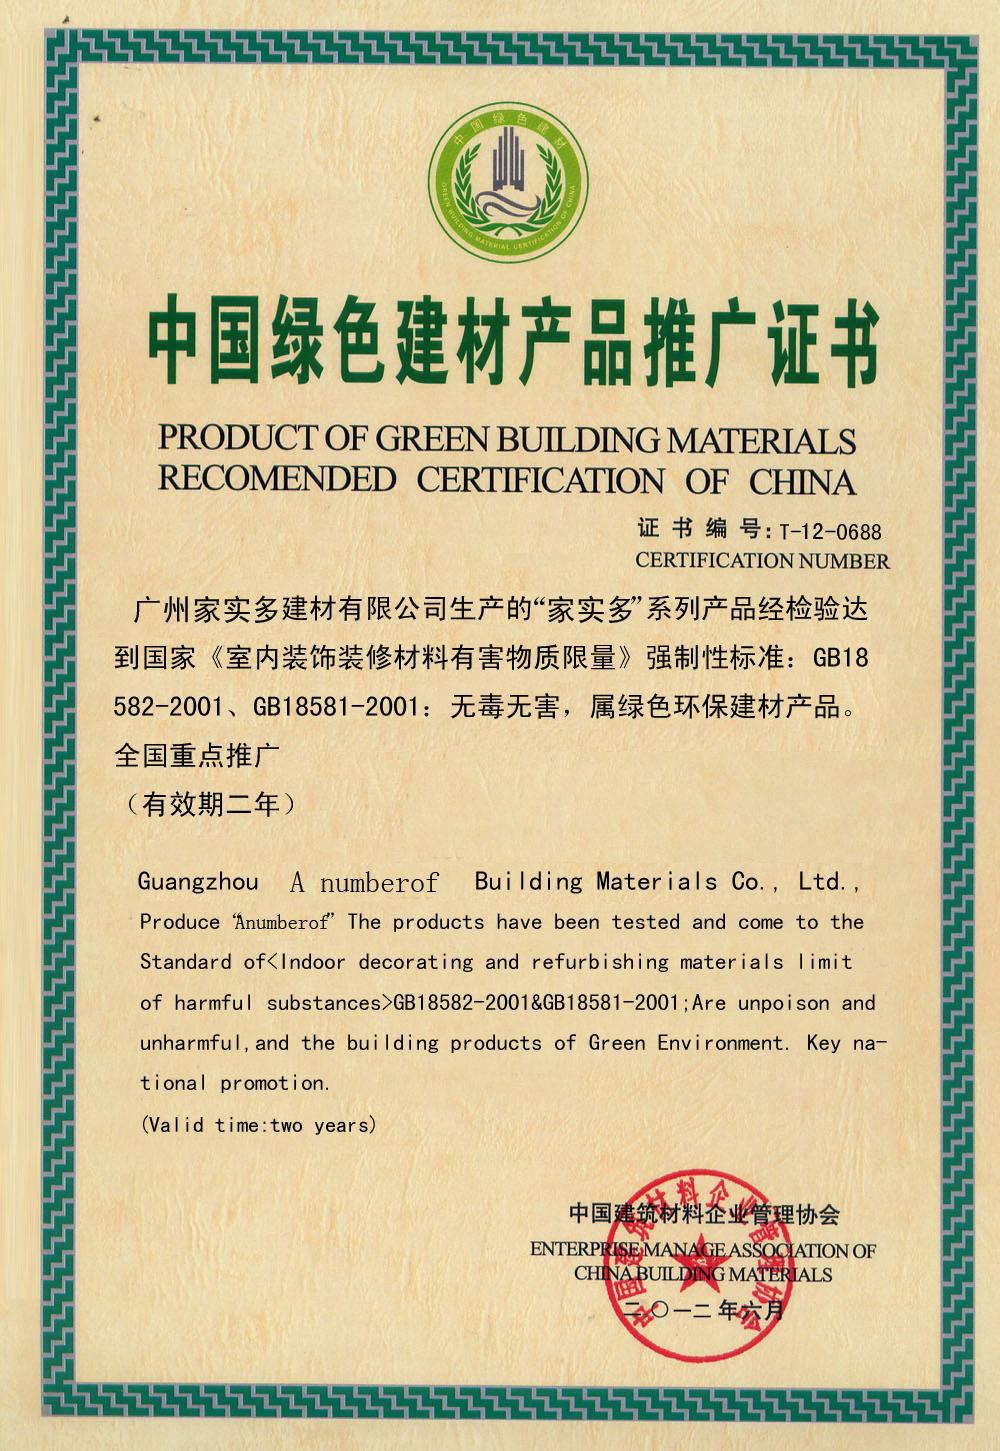 绿色环保推广证书